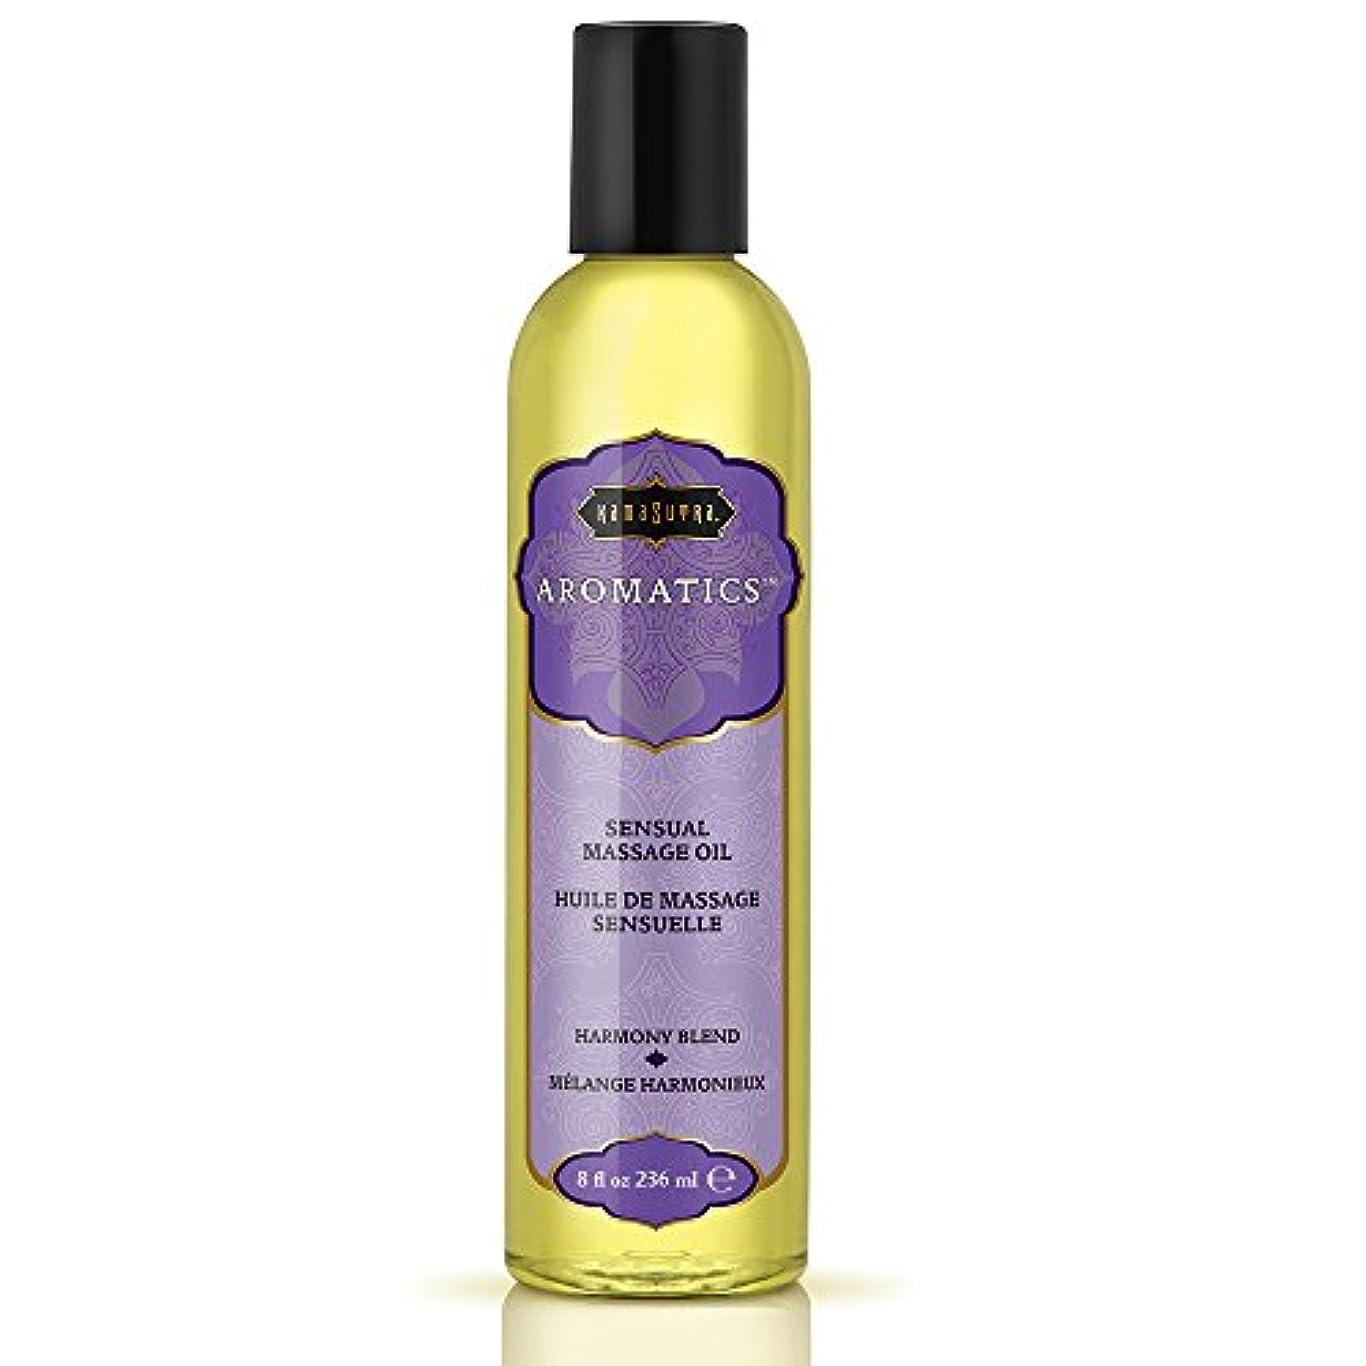 借りる本物通信網Aromatic Massage Oil Harmony Blend 8oz by Kama Sutra